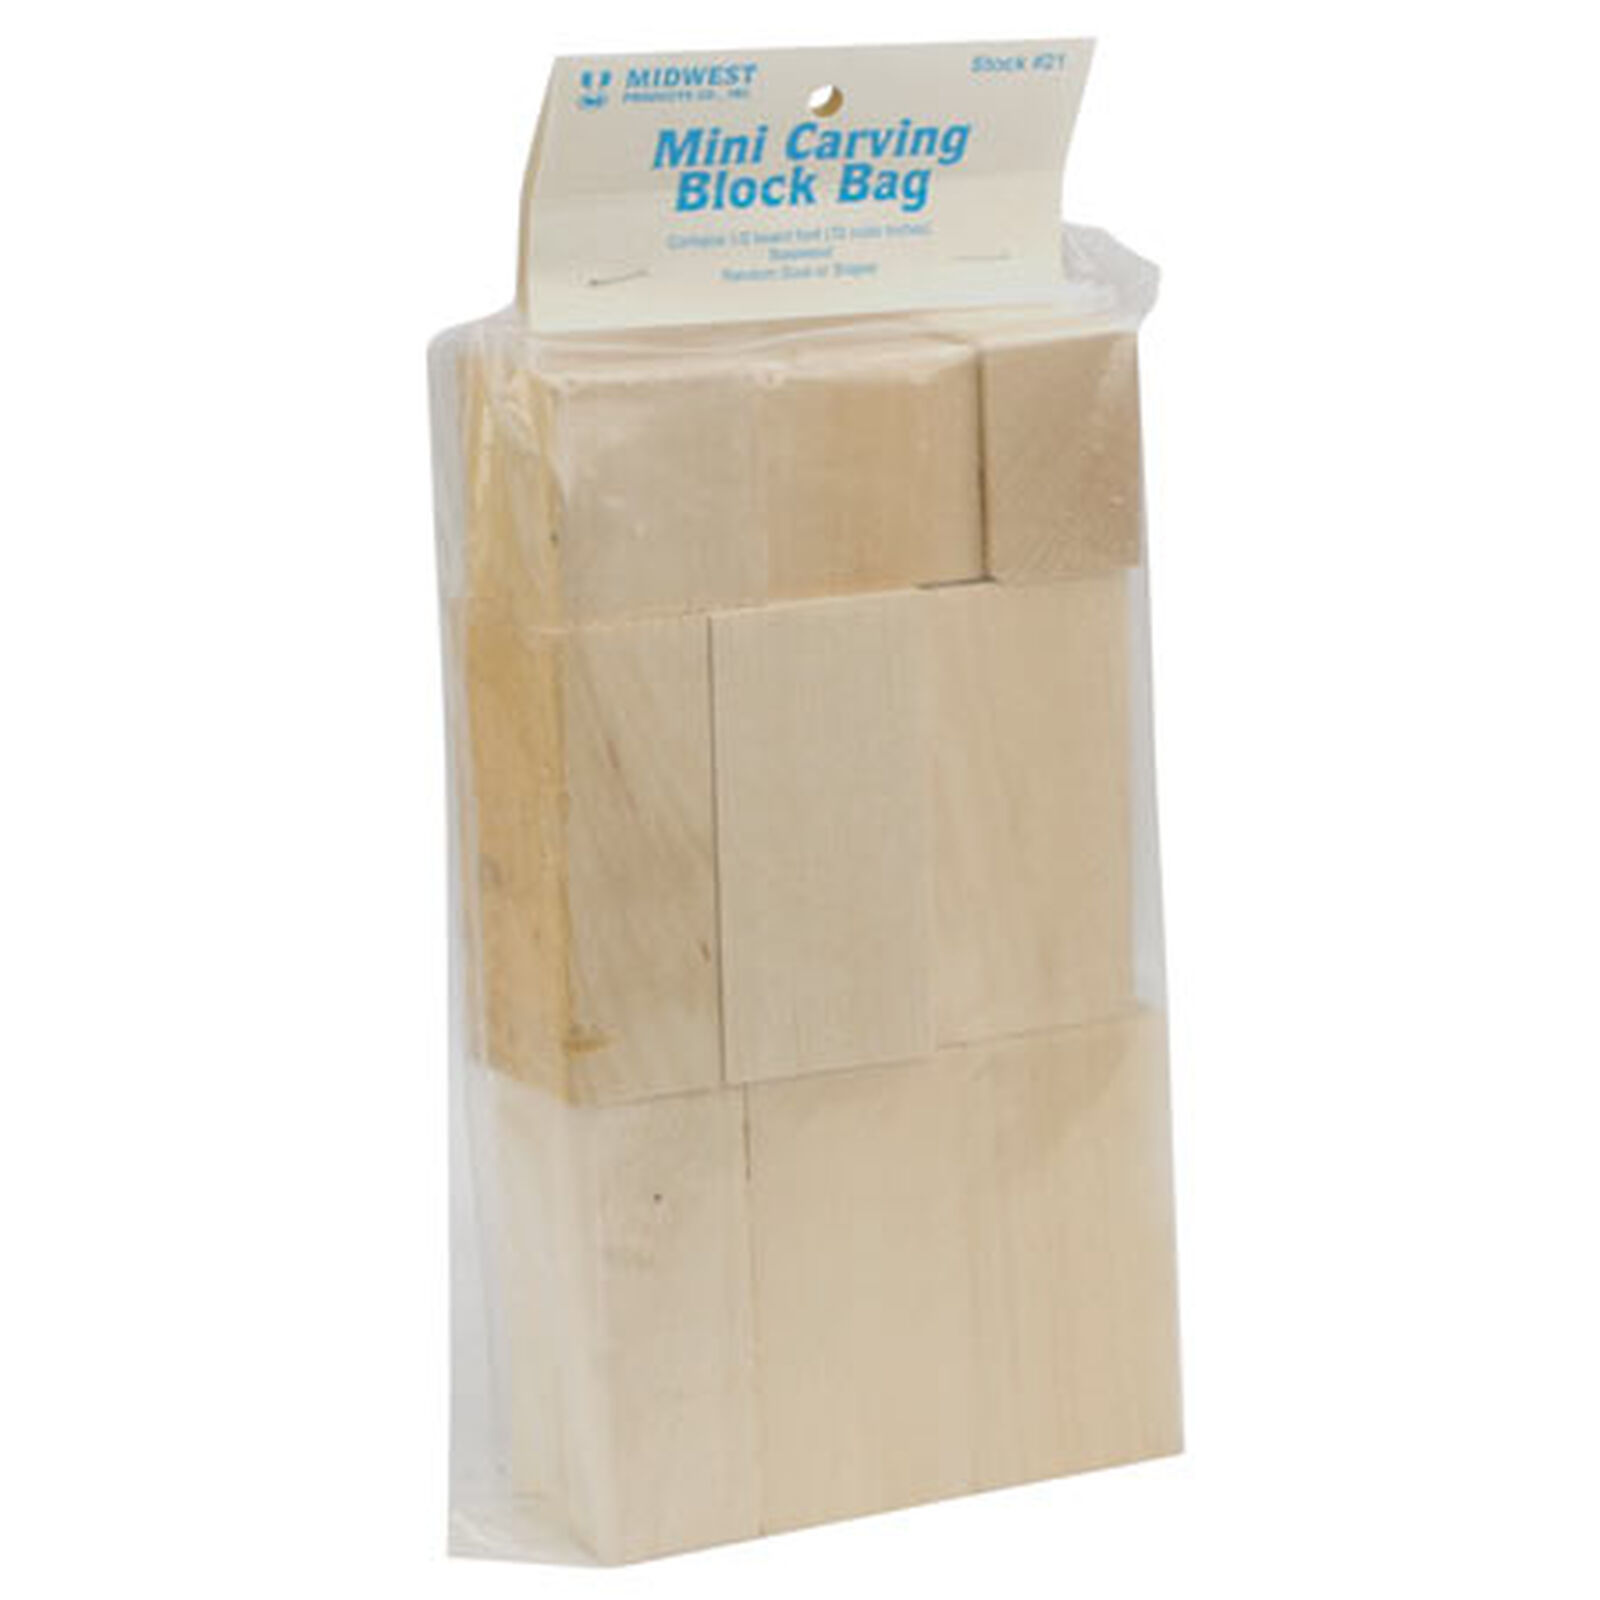 Mini Carving Block Bag